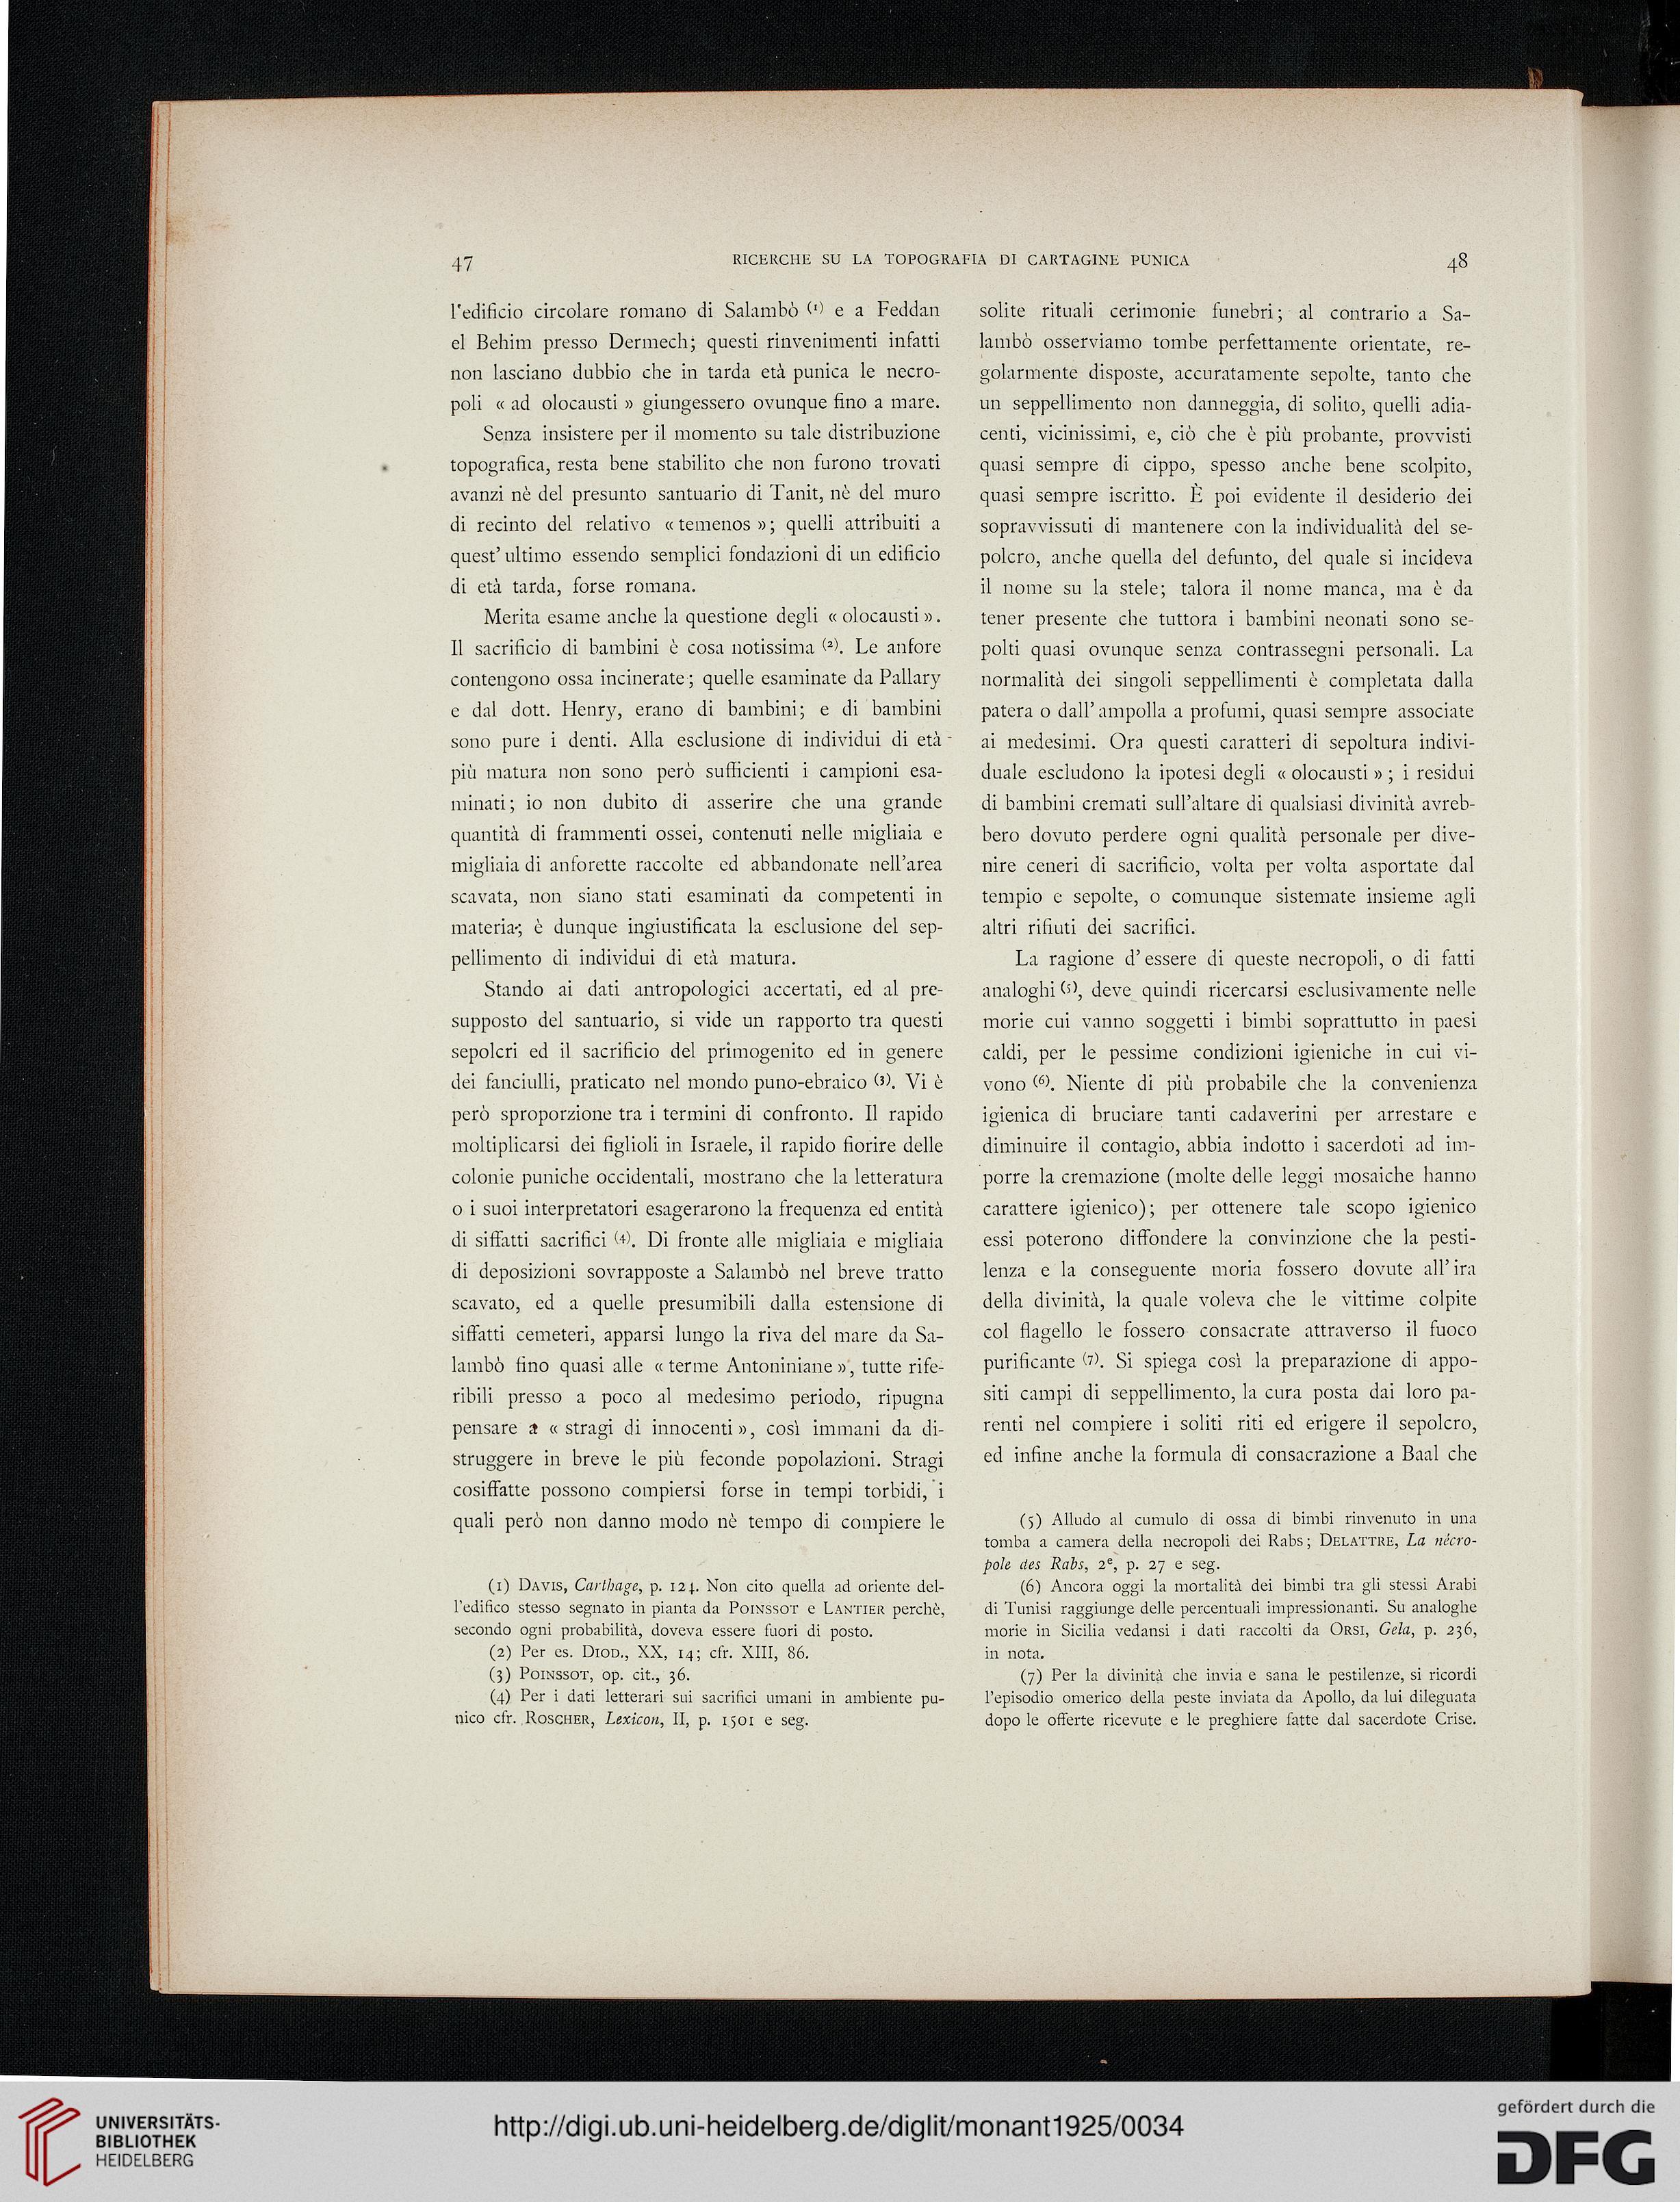 Accademia Nazionale Dei Lincei Rom Hrsg Monumenti Antichi 30 1925